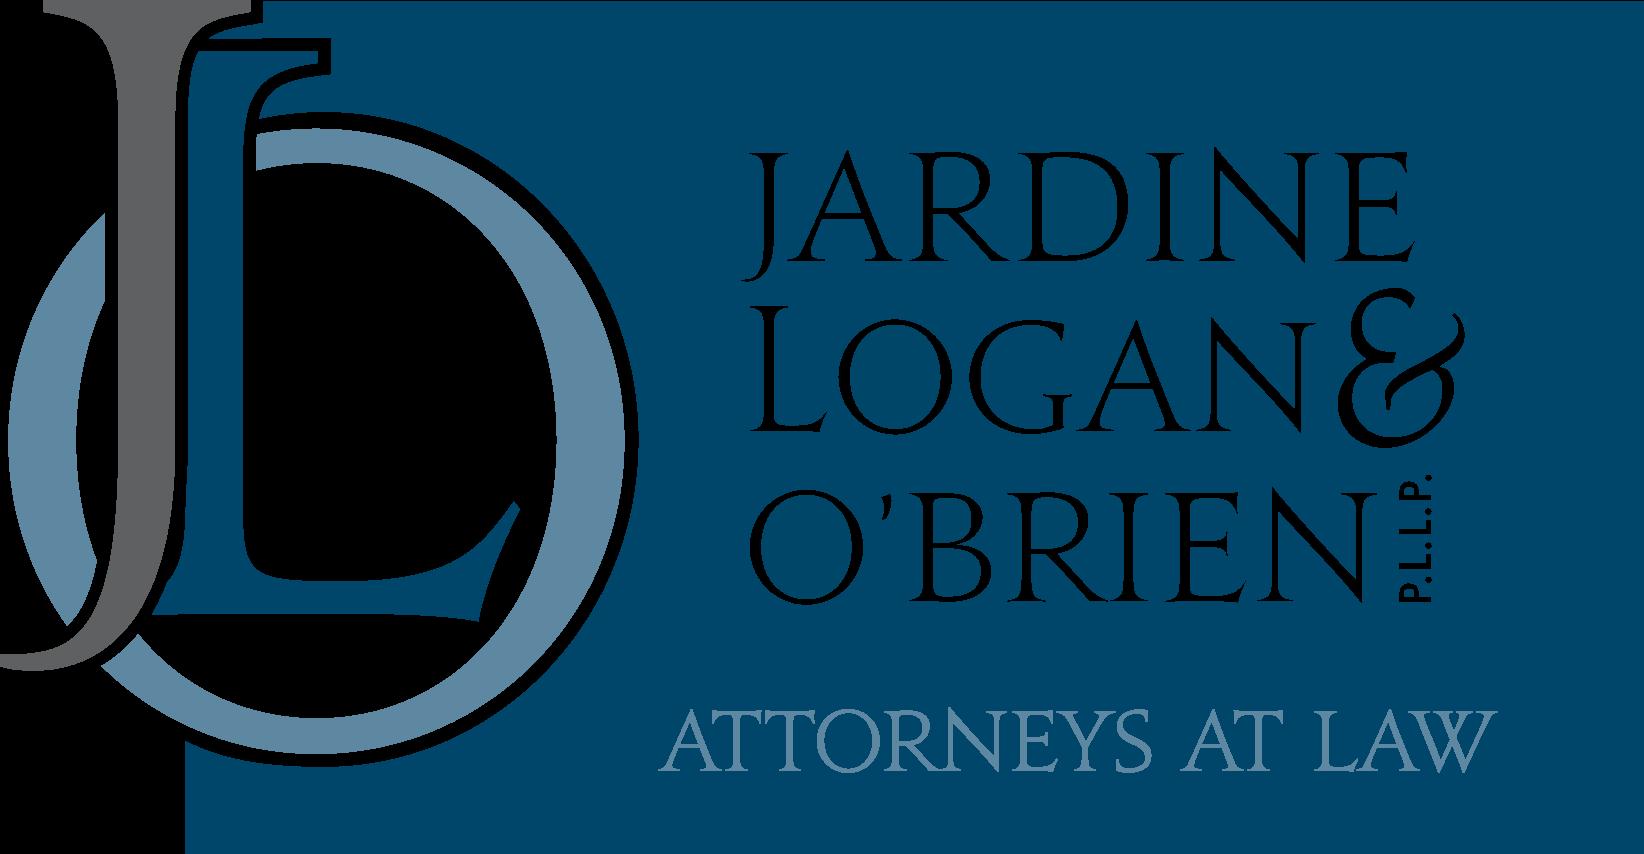 Jardine, Logan & O'Brien, PLLP